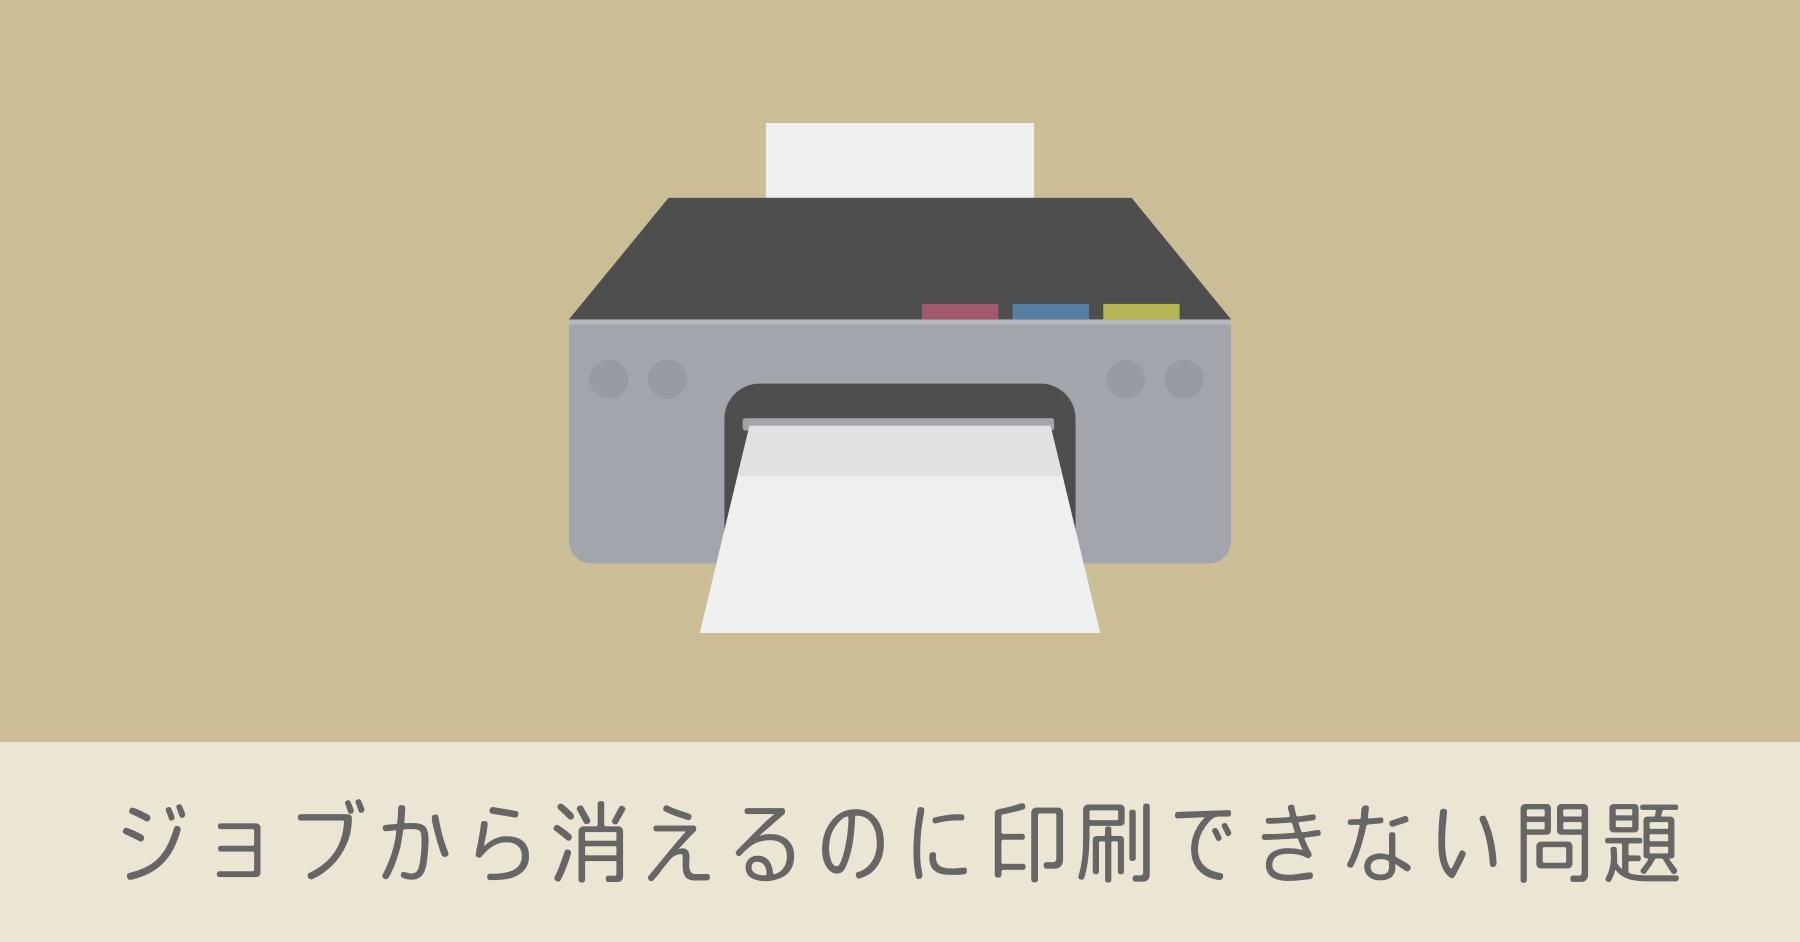 印刷ジョブの一覧から消えるのに印刷できないプリンターの問題を解決した話